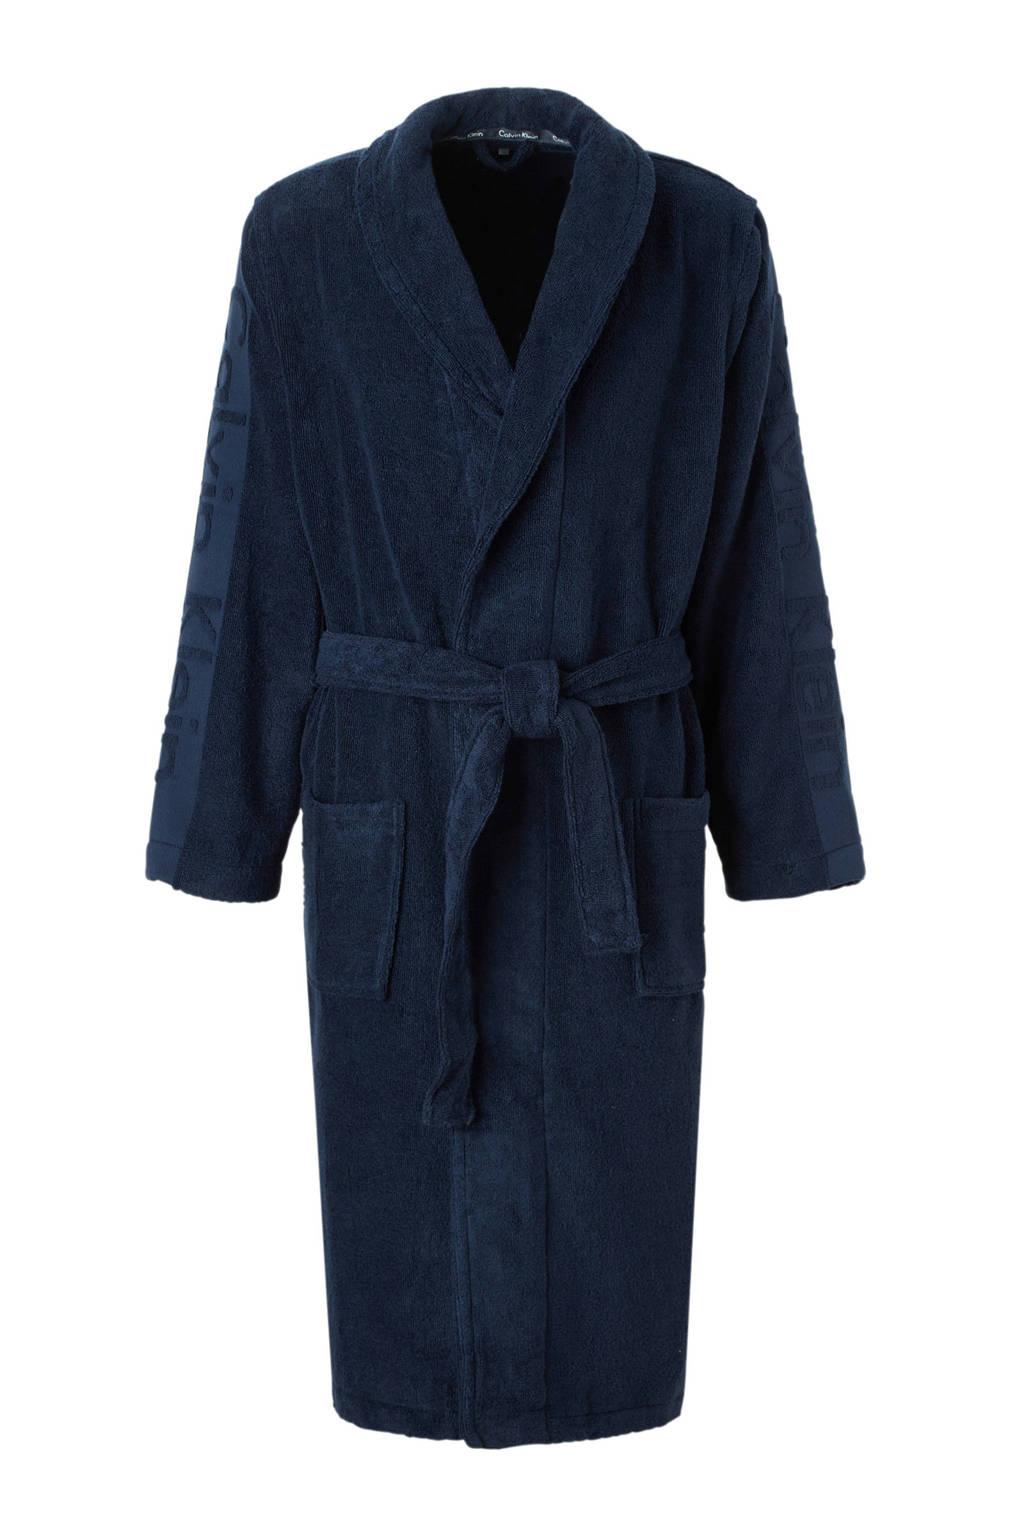 CALVIN KLEIN UNDERWEAR badstof badjas blauw, Blauw